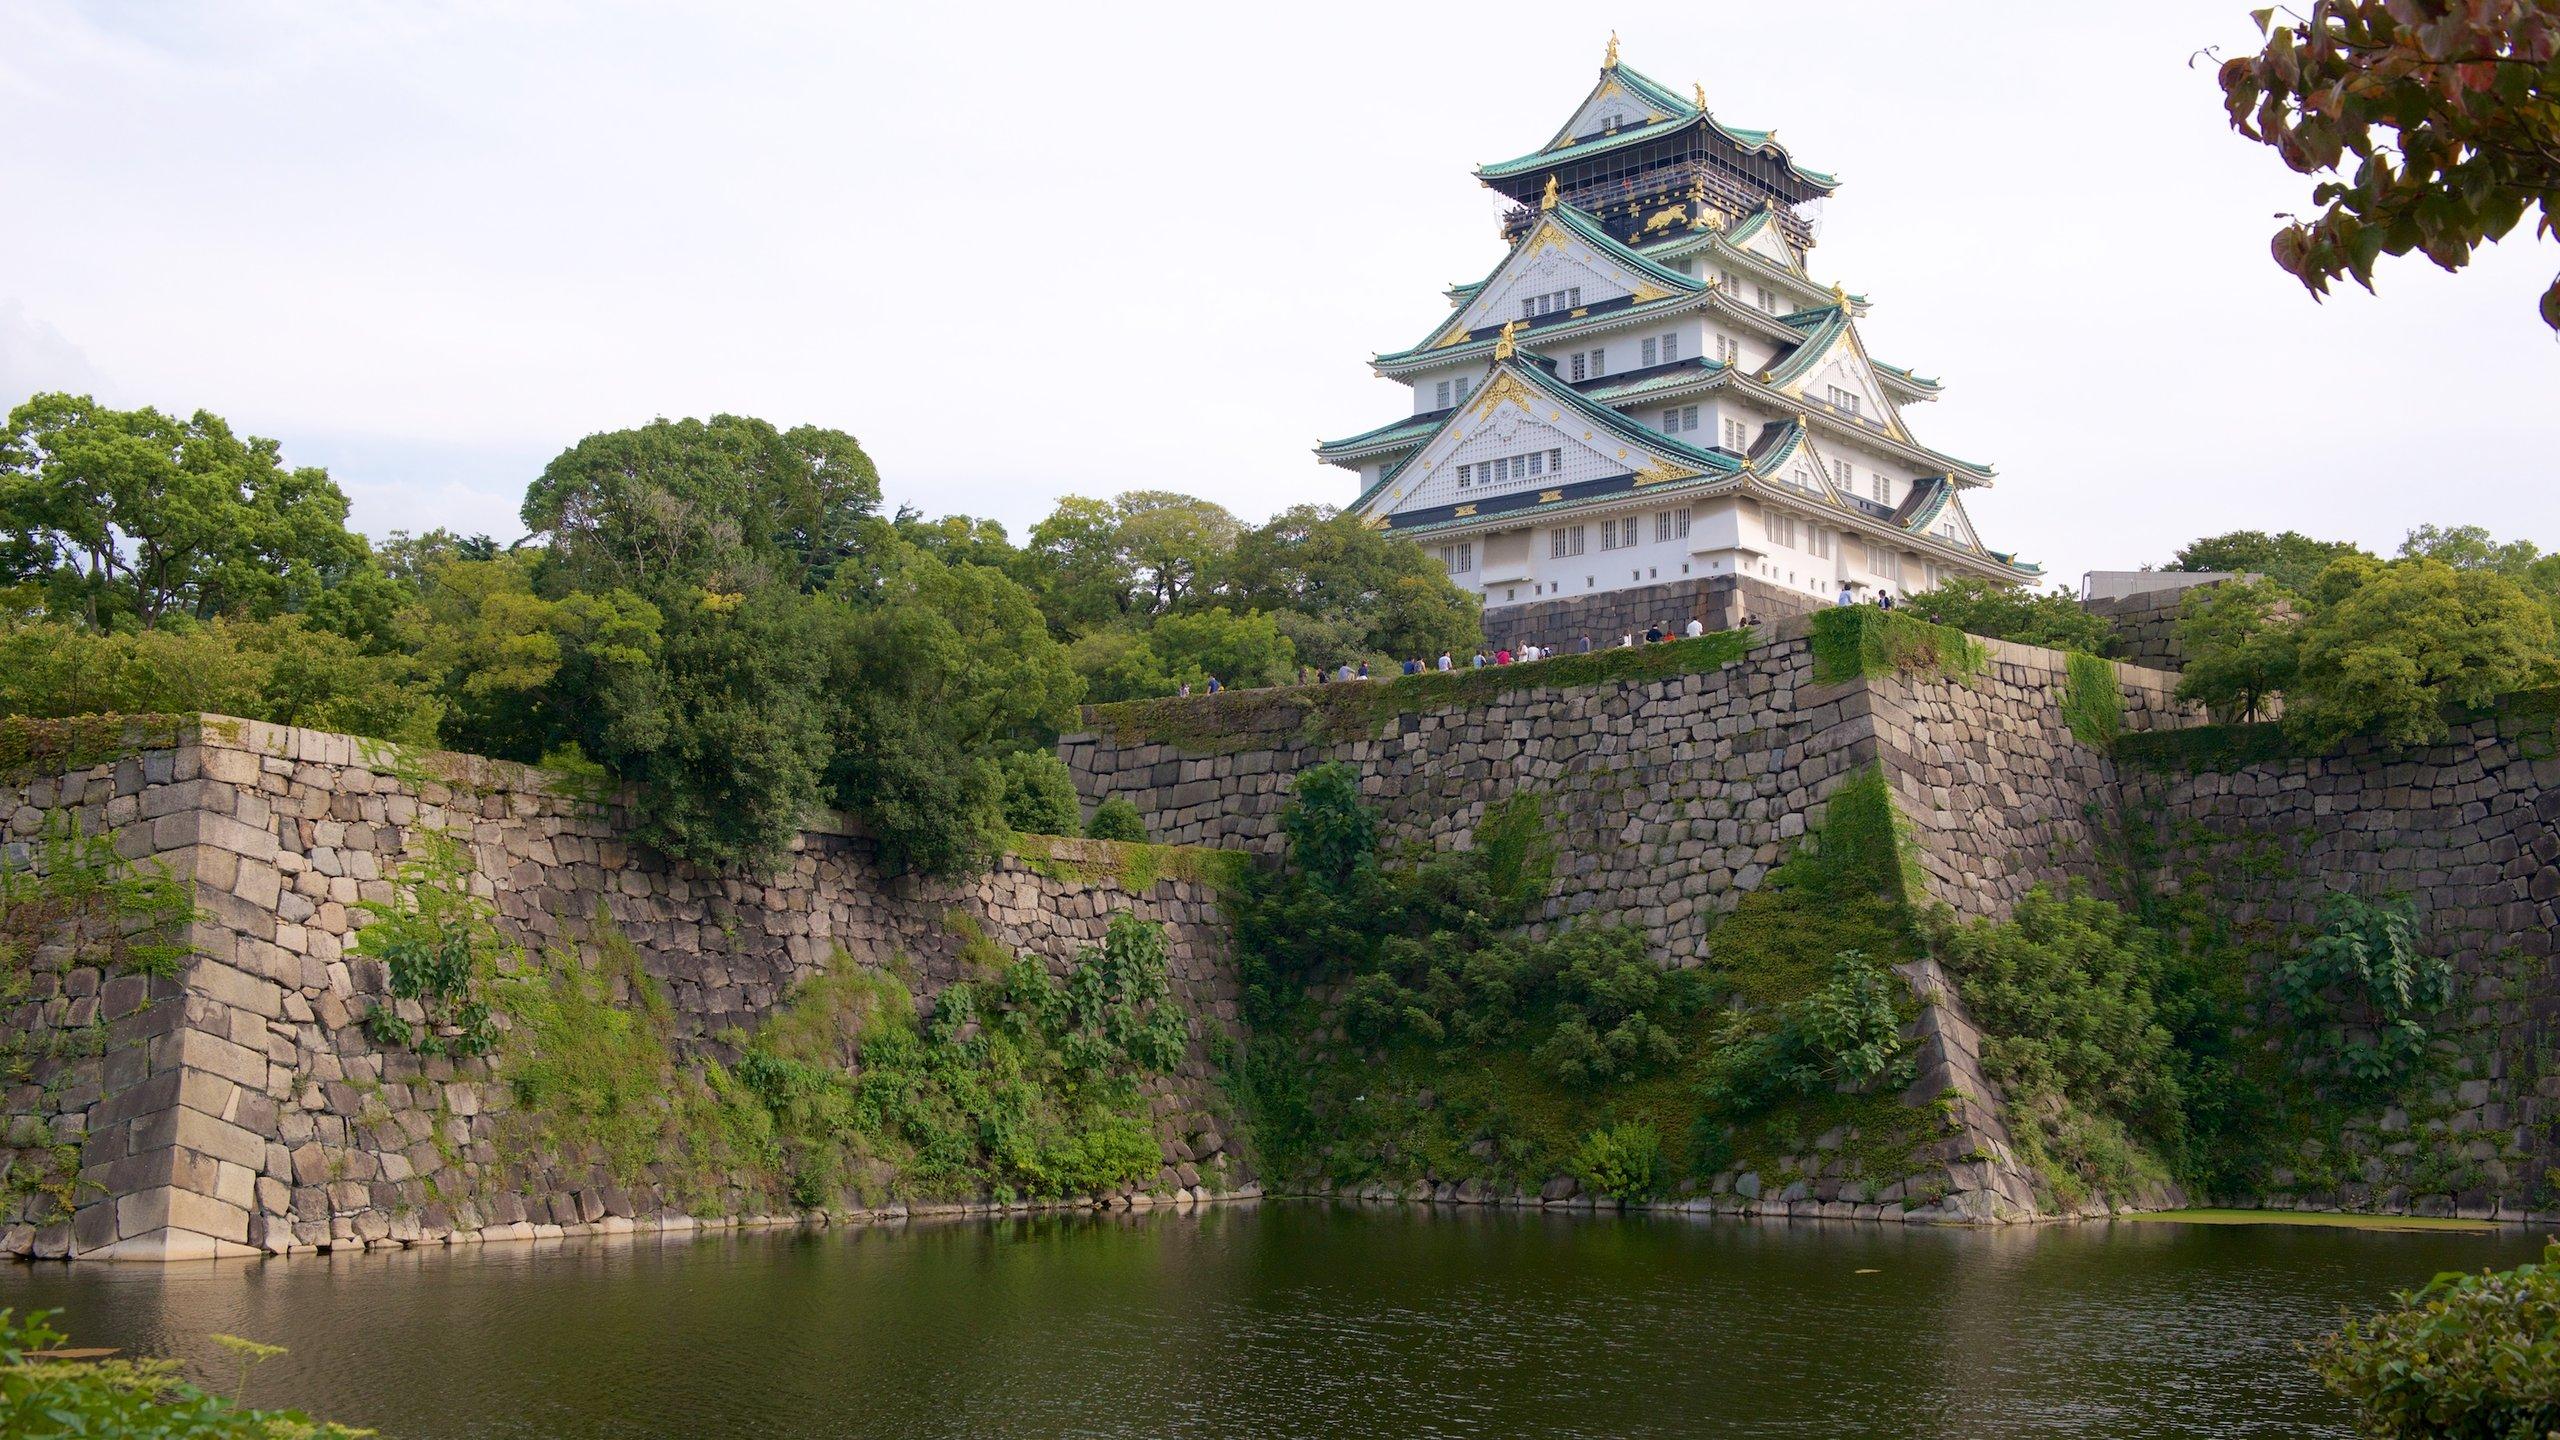 Vous plongerez dans la généreuse histoire du Japon en visitant ce site historique du XVIe siècle, là où des champs de bataille spectaculaires ont laissé place à un parc paisible parsemé de cerisiers.